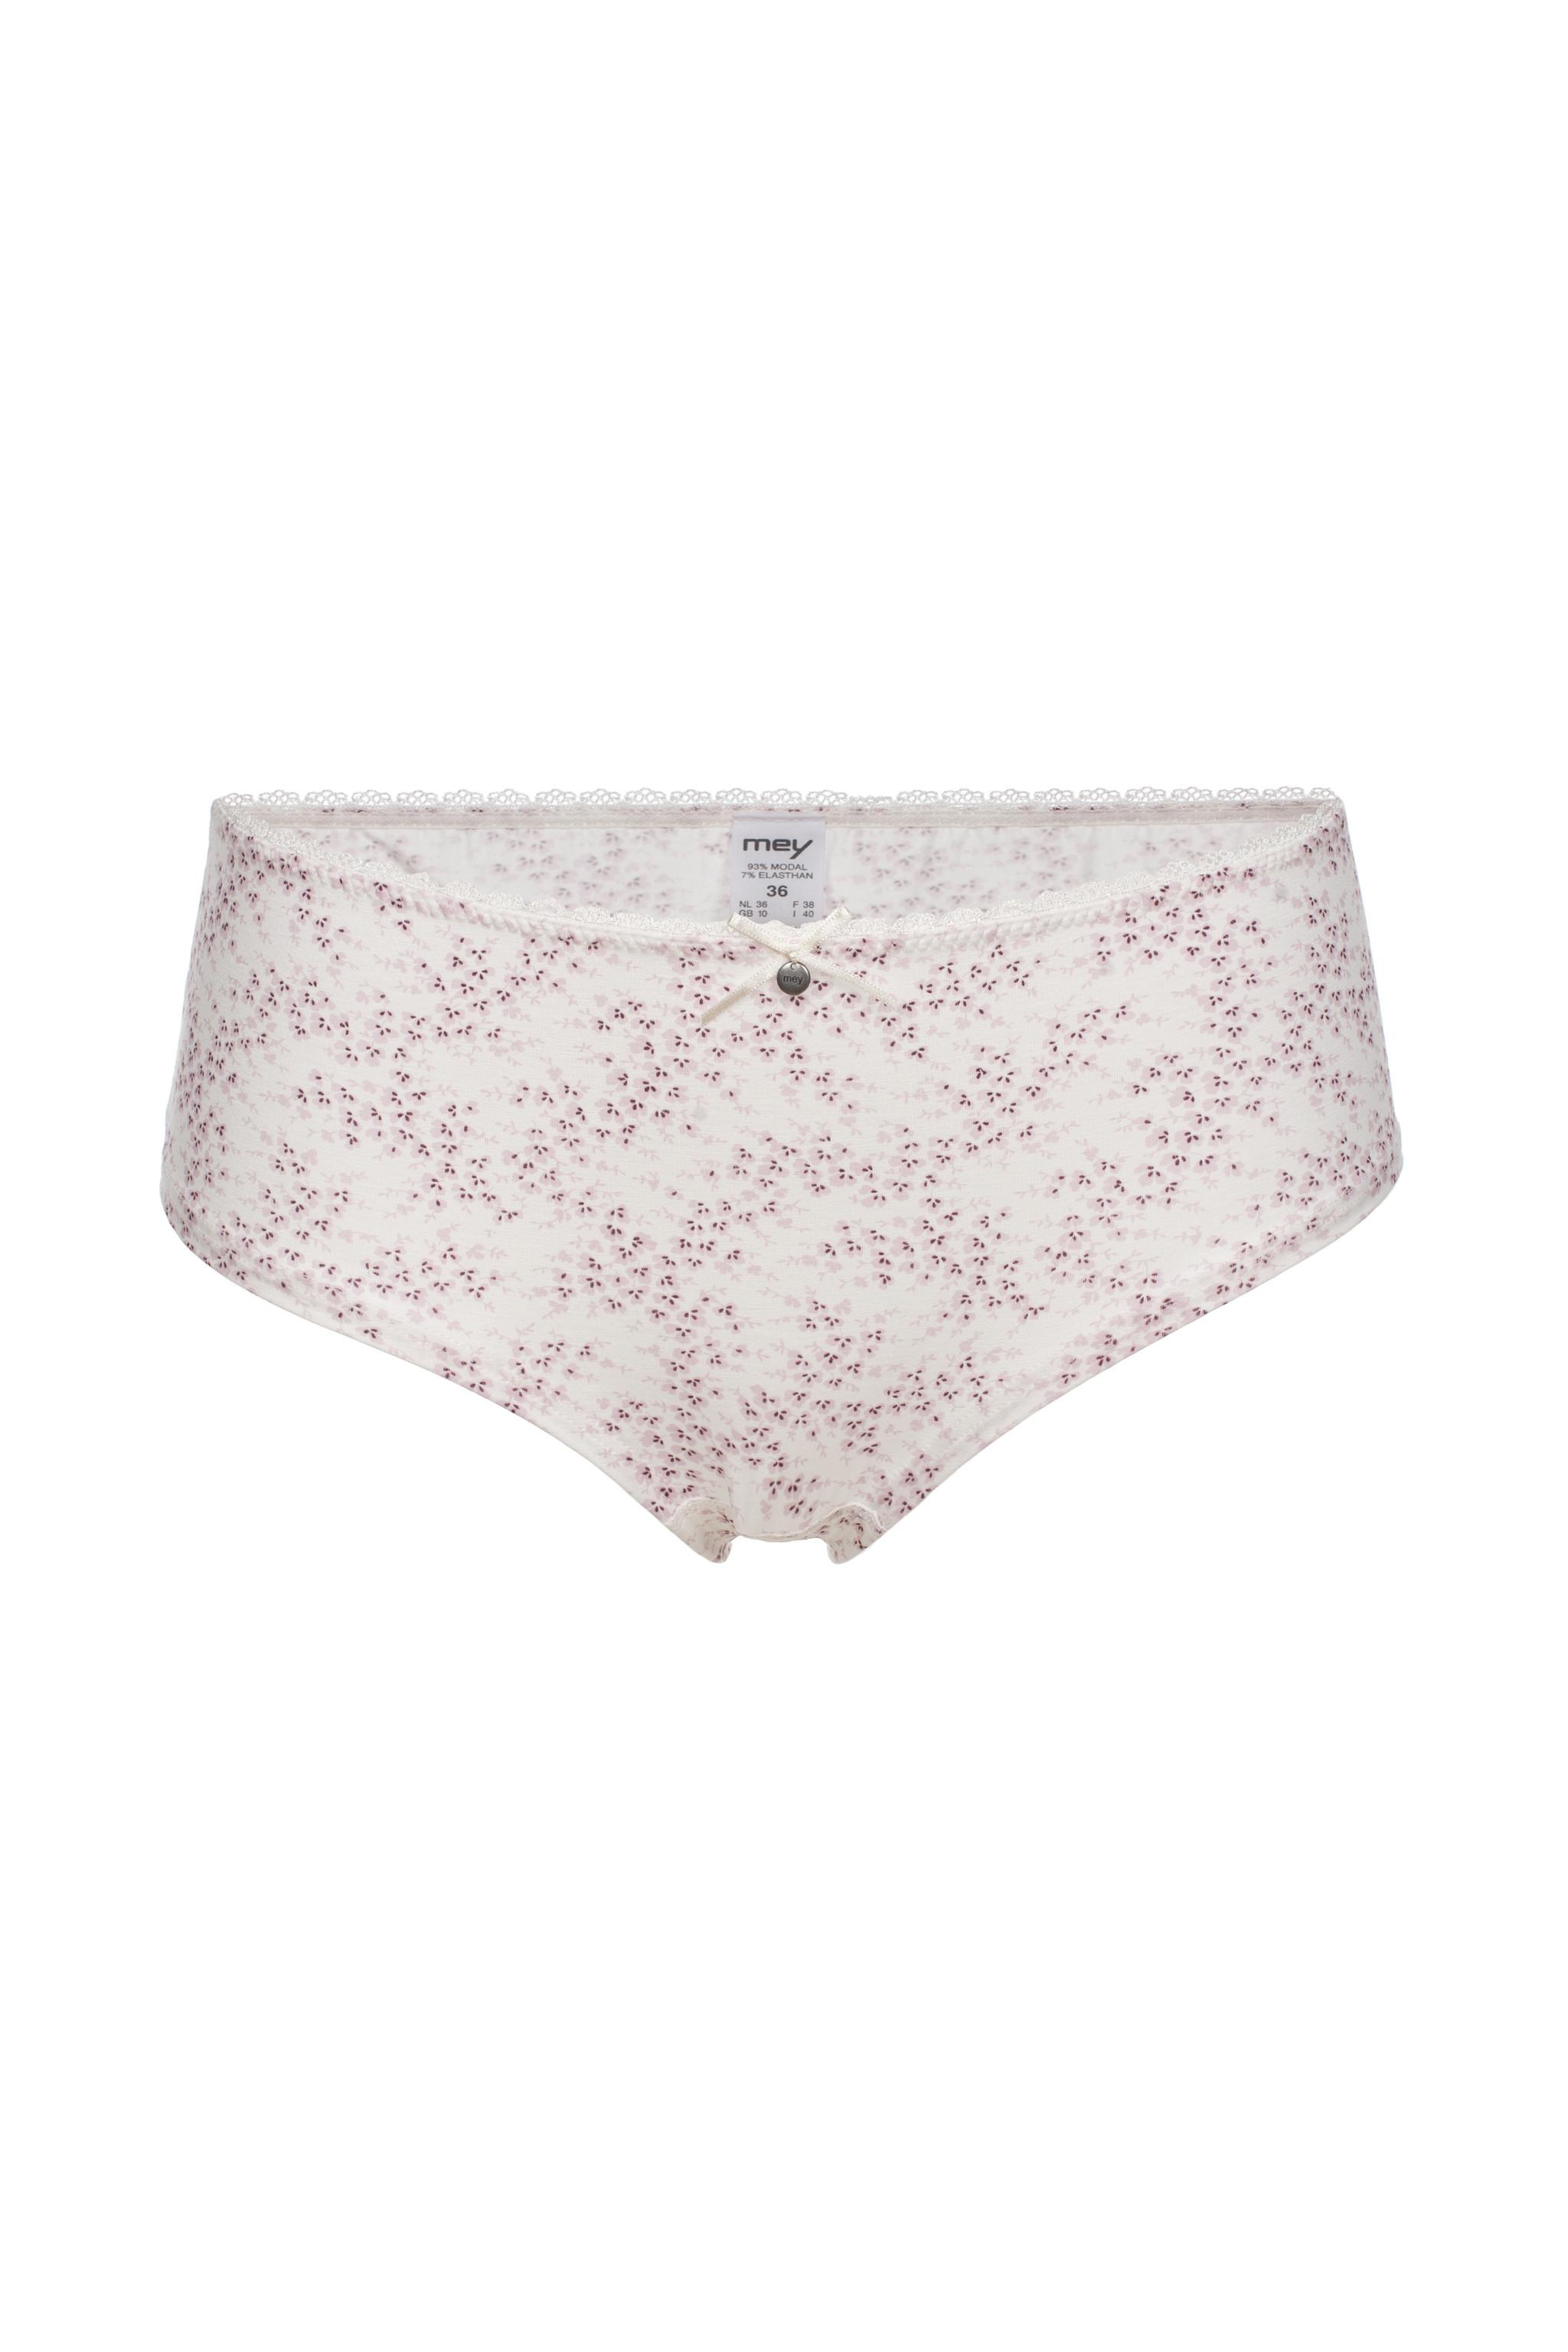 Mey Dahlia Panty